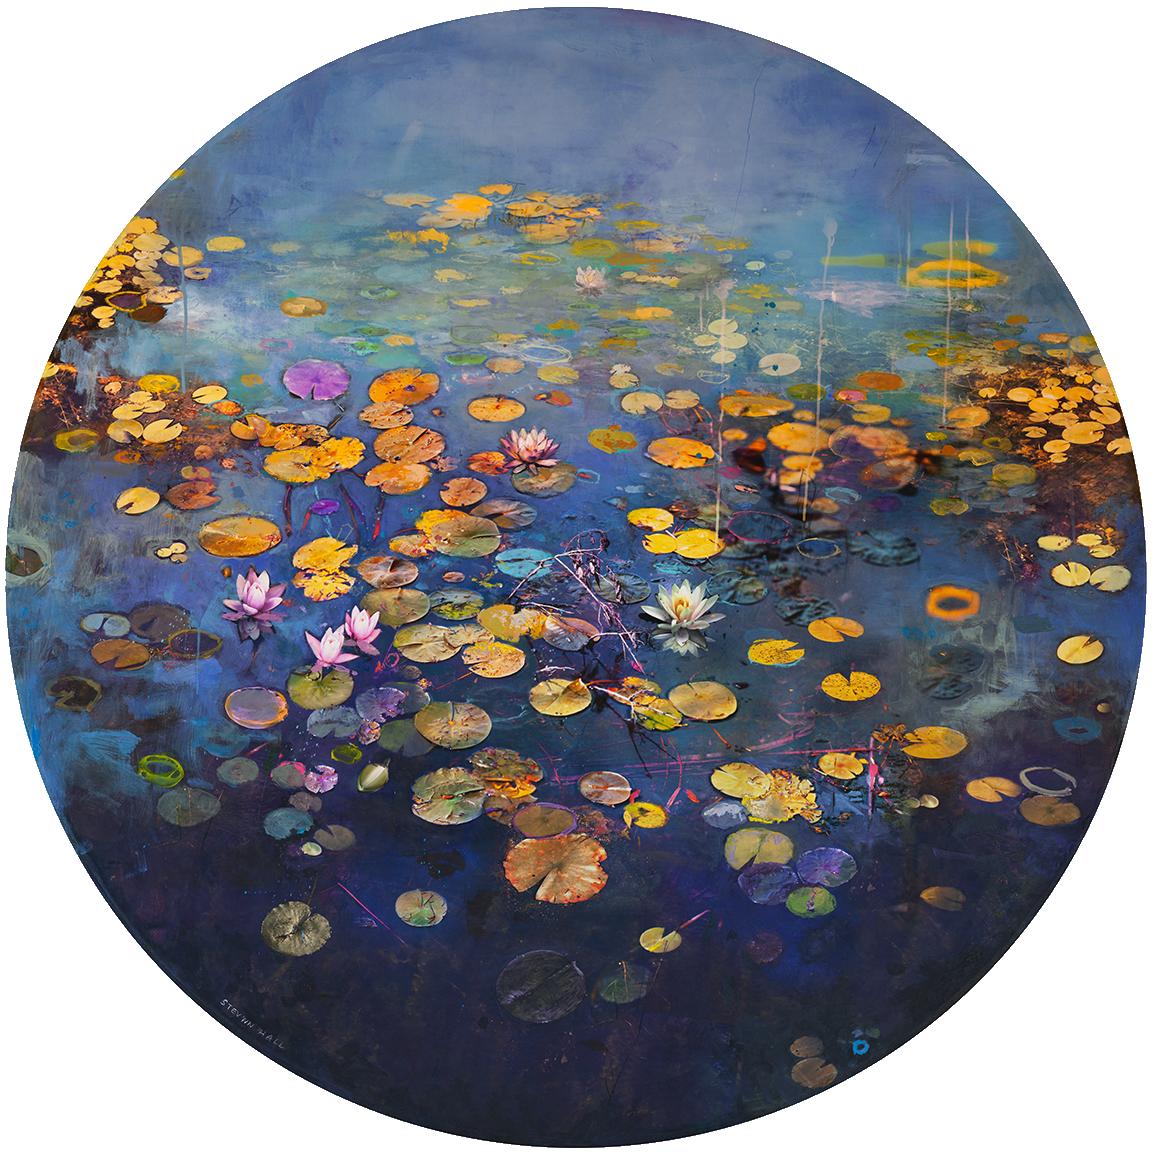 Stevnnhall Paradise Lost No 2 48x48 Canada 2017 Photography Based Mixed Media Circular Tondo O Nature Art Painting Canvas Painting Designs Art Painting